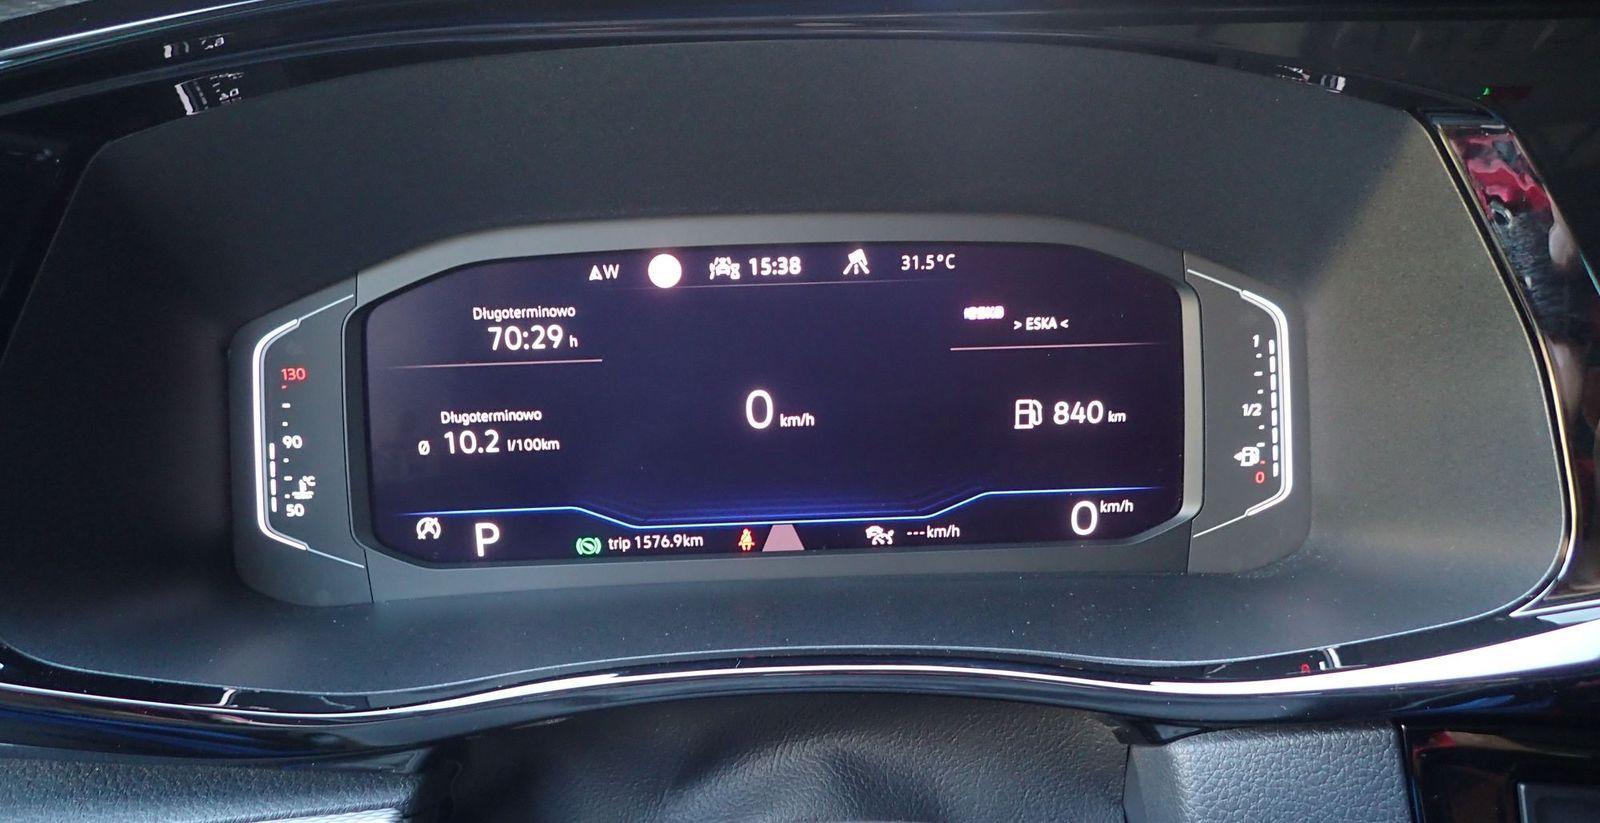 VW_Multivan_2021test_AutoRok_11